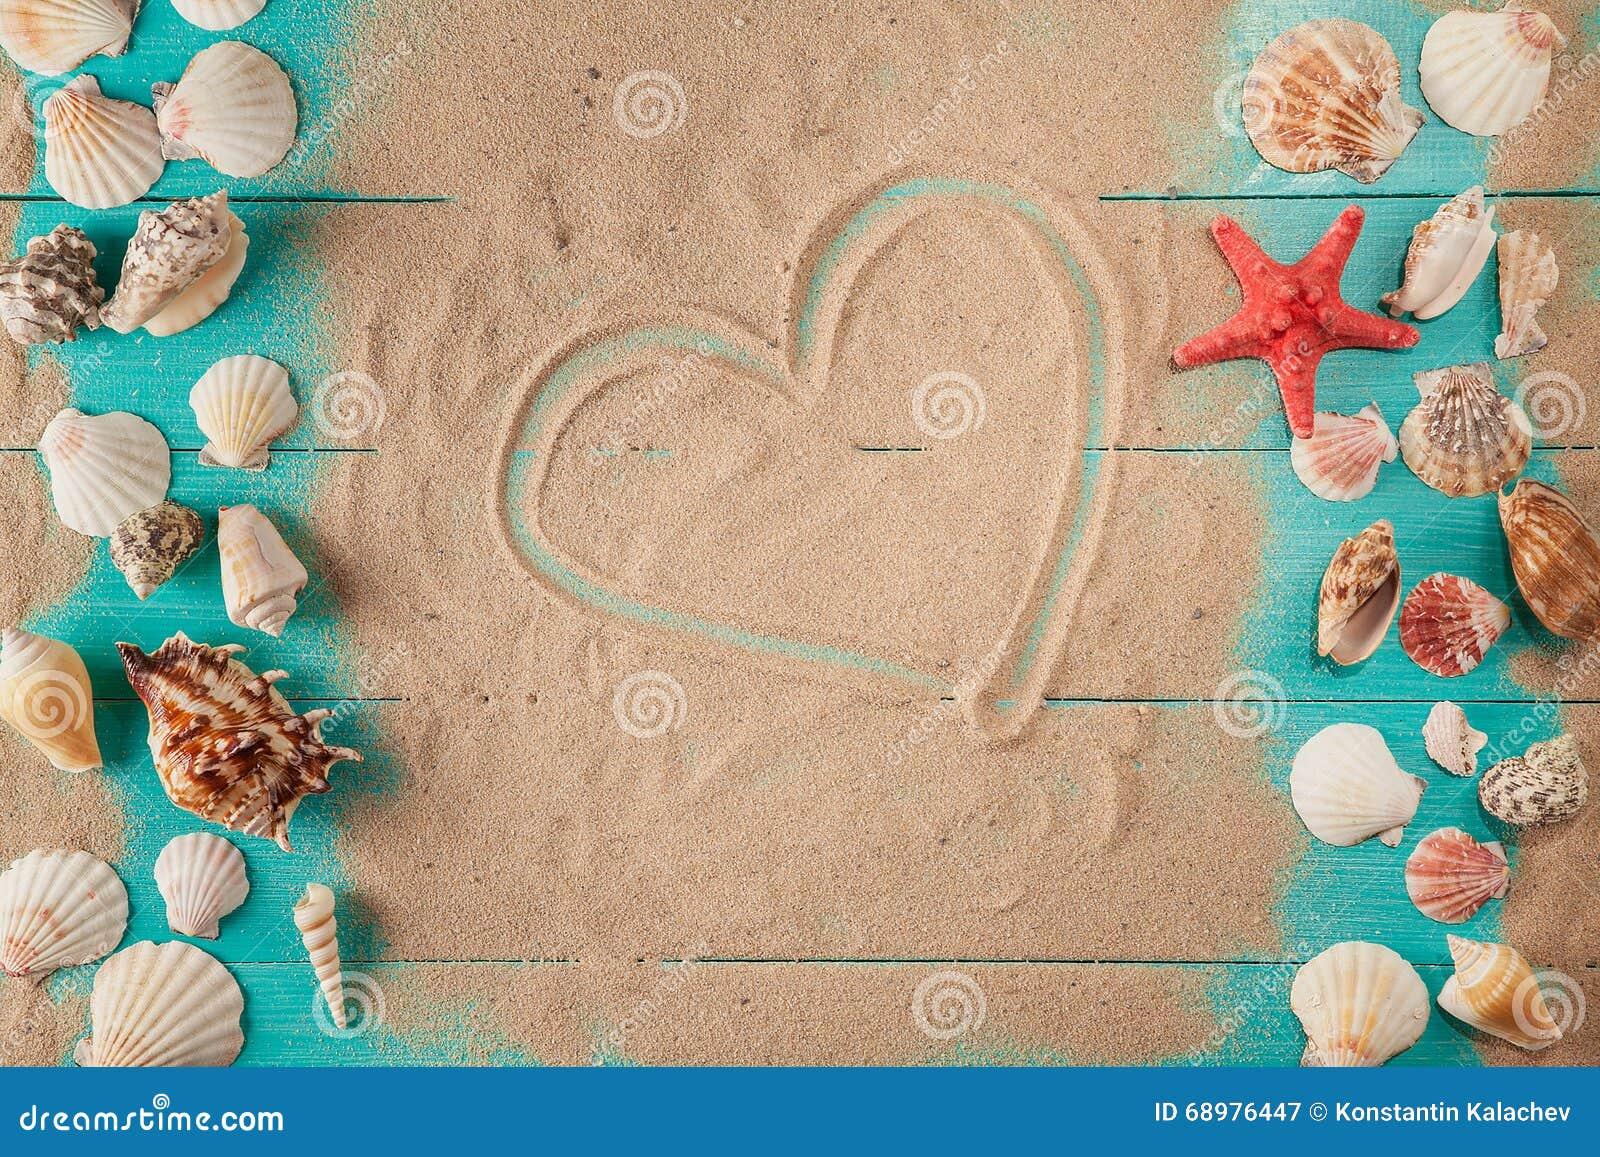 Dibujo del corazón en la arena entre conchas marinas